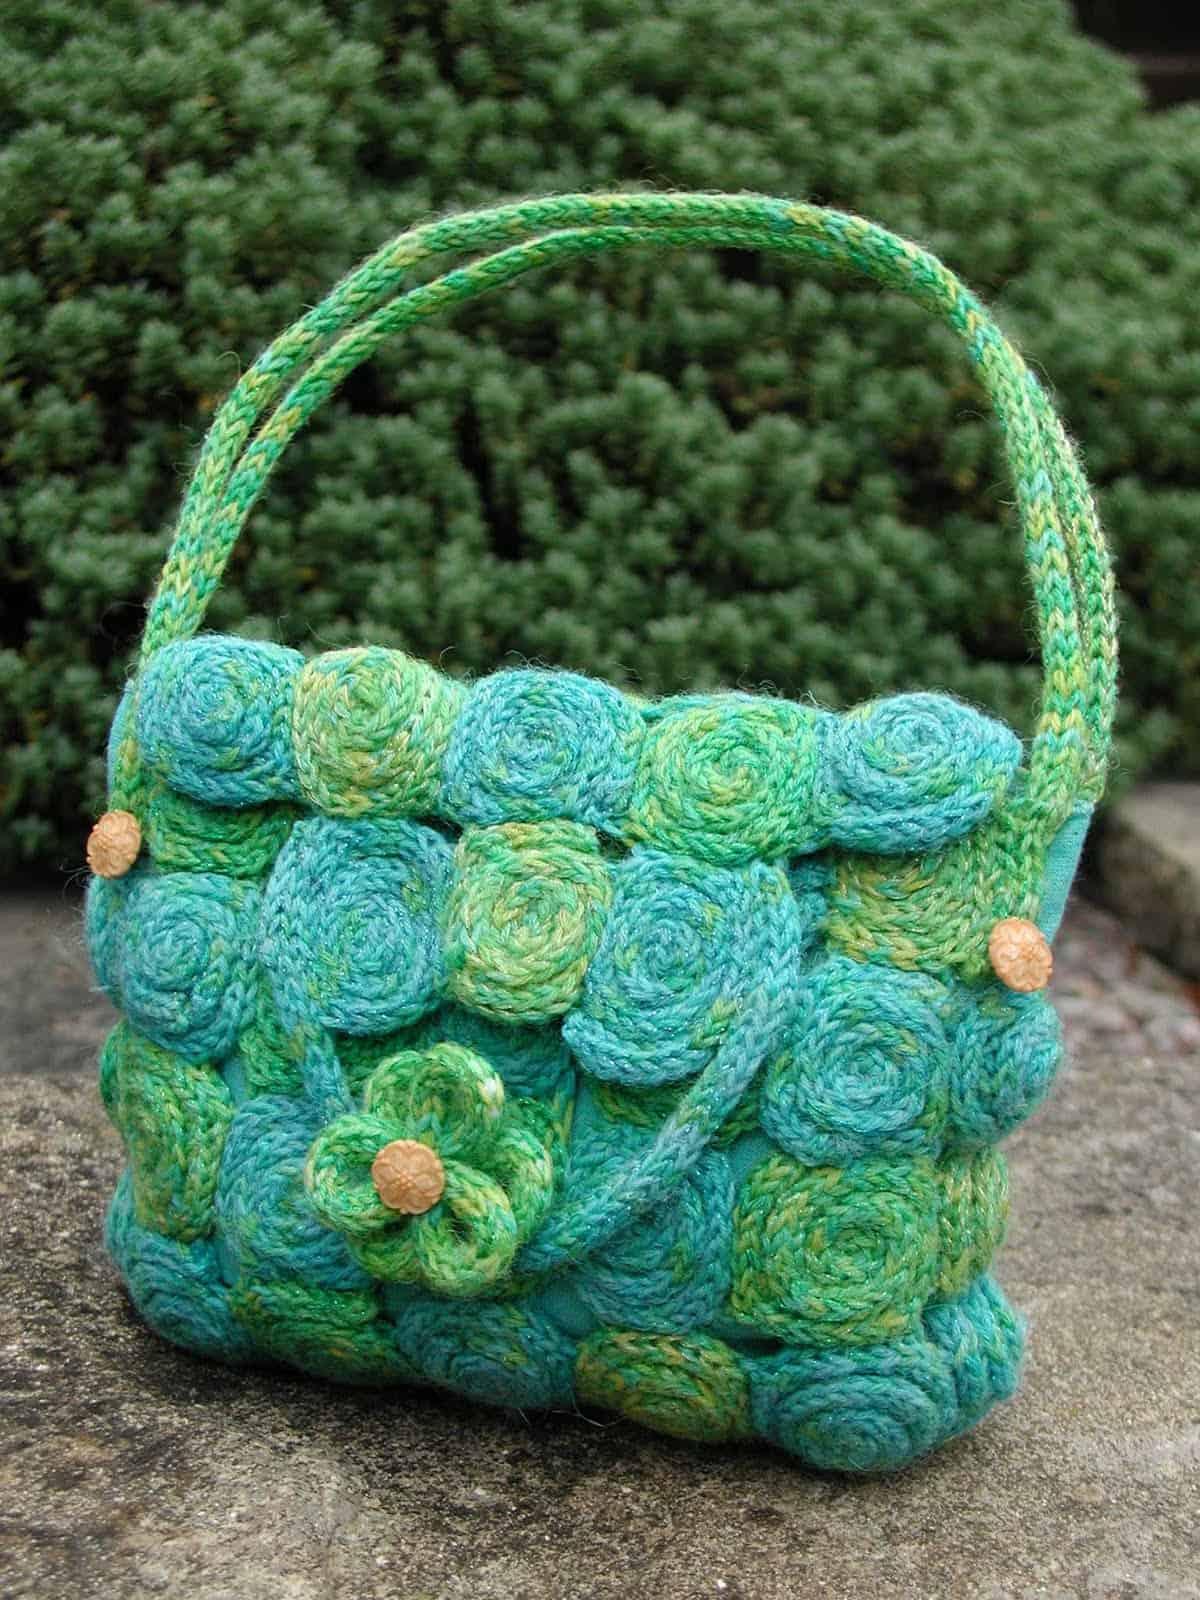 Spiralled corked purse